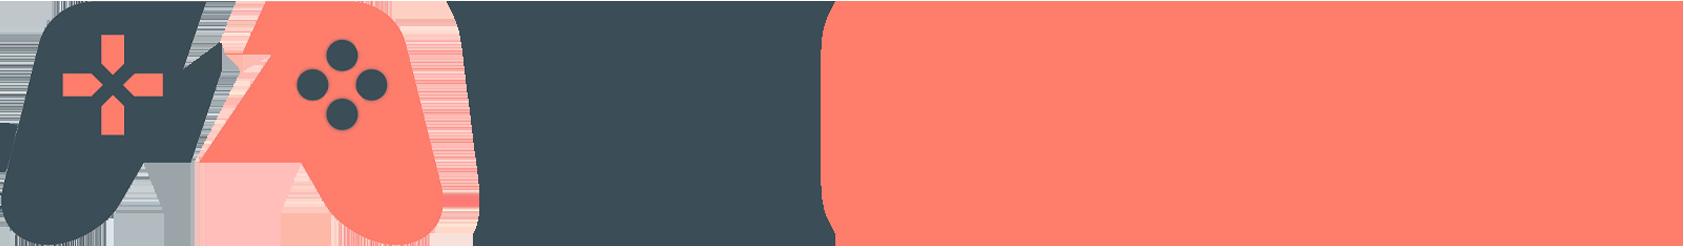 inGAME - Игровой проект